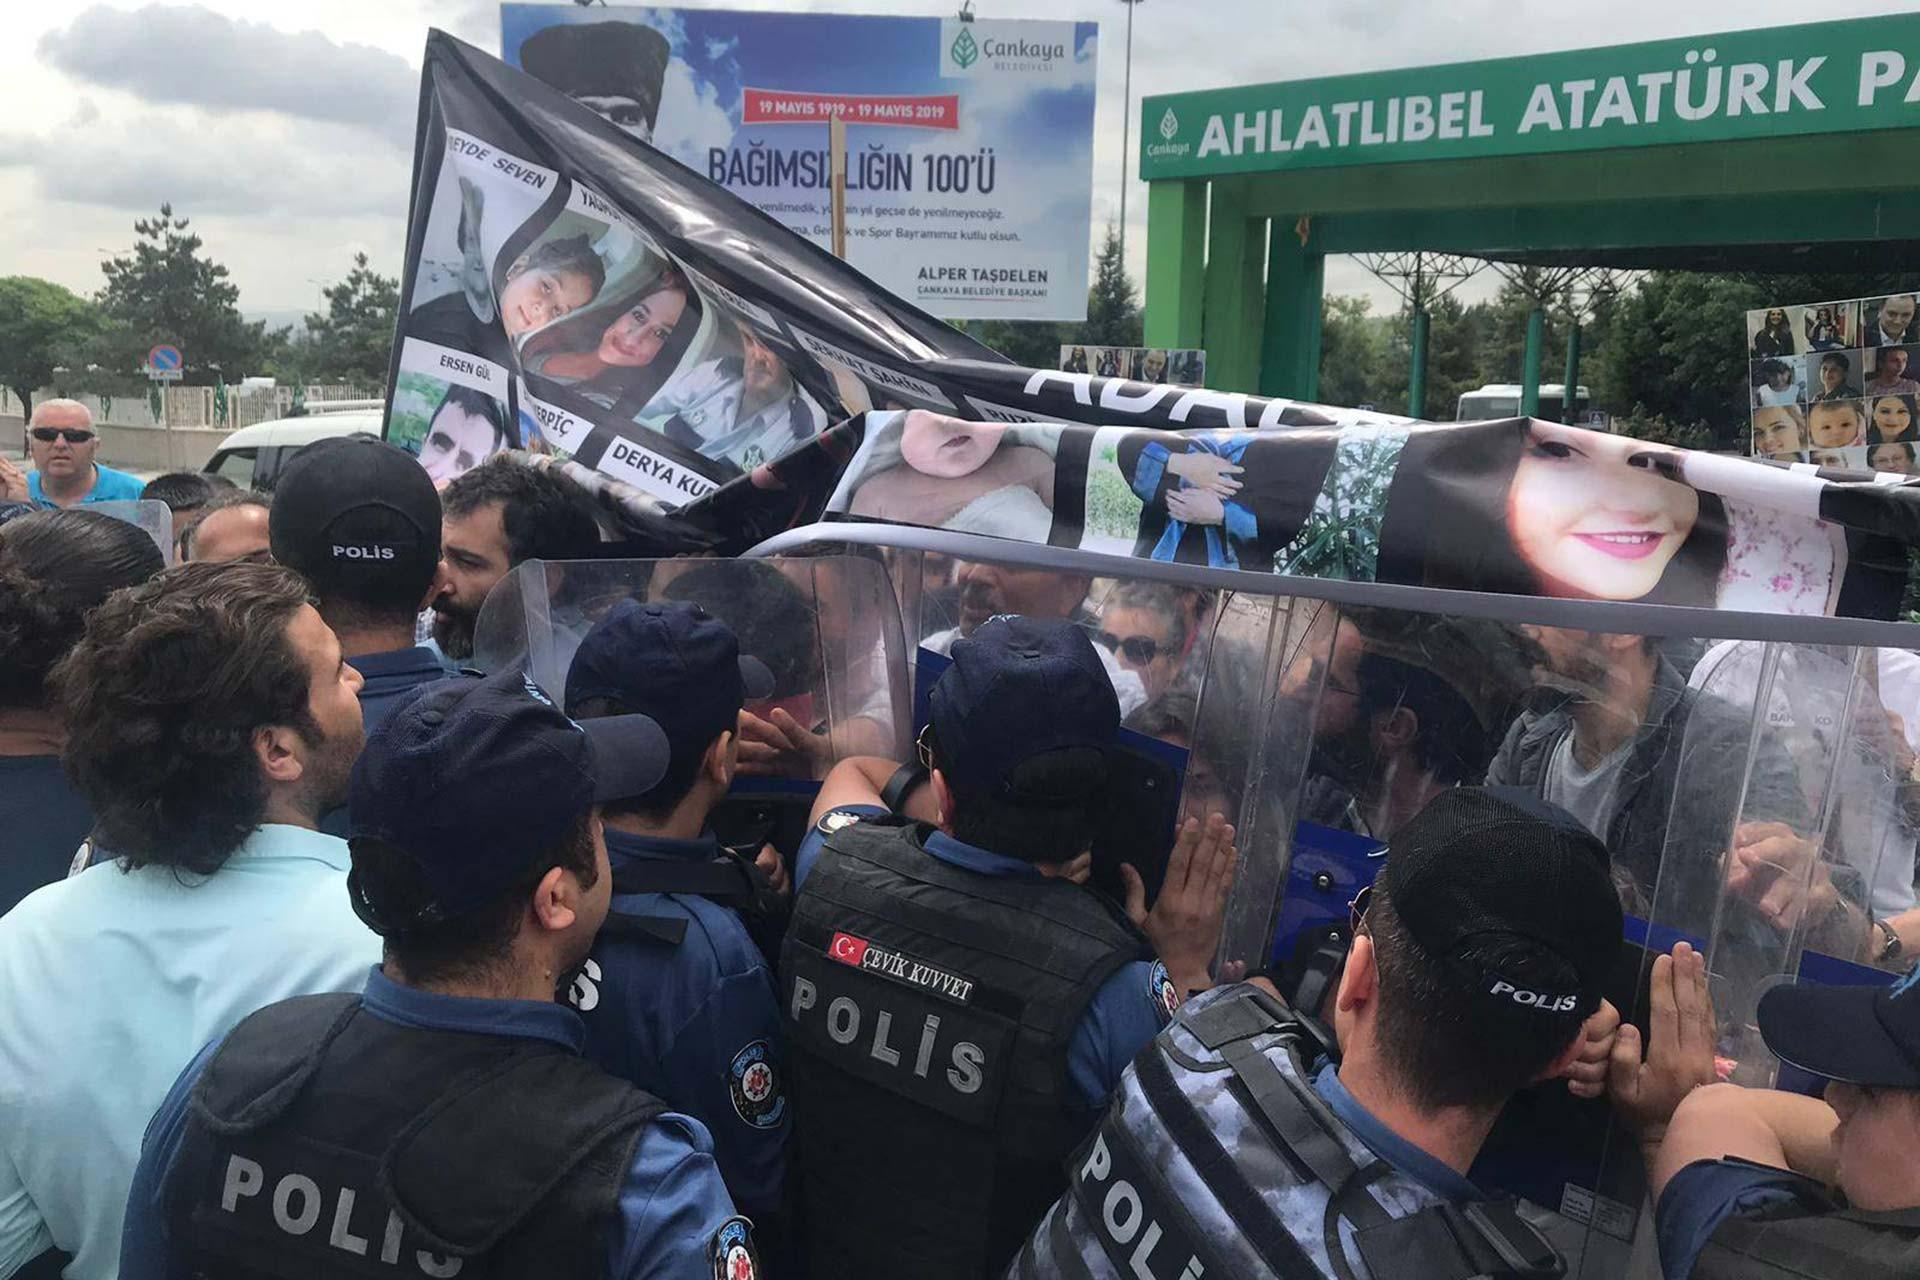 Çorlu tren faciasında yakınlarını kaybedenlerin AYM önünde açıklama yapması engellendi